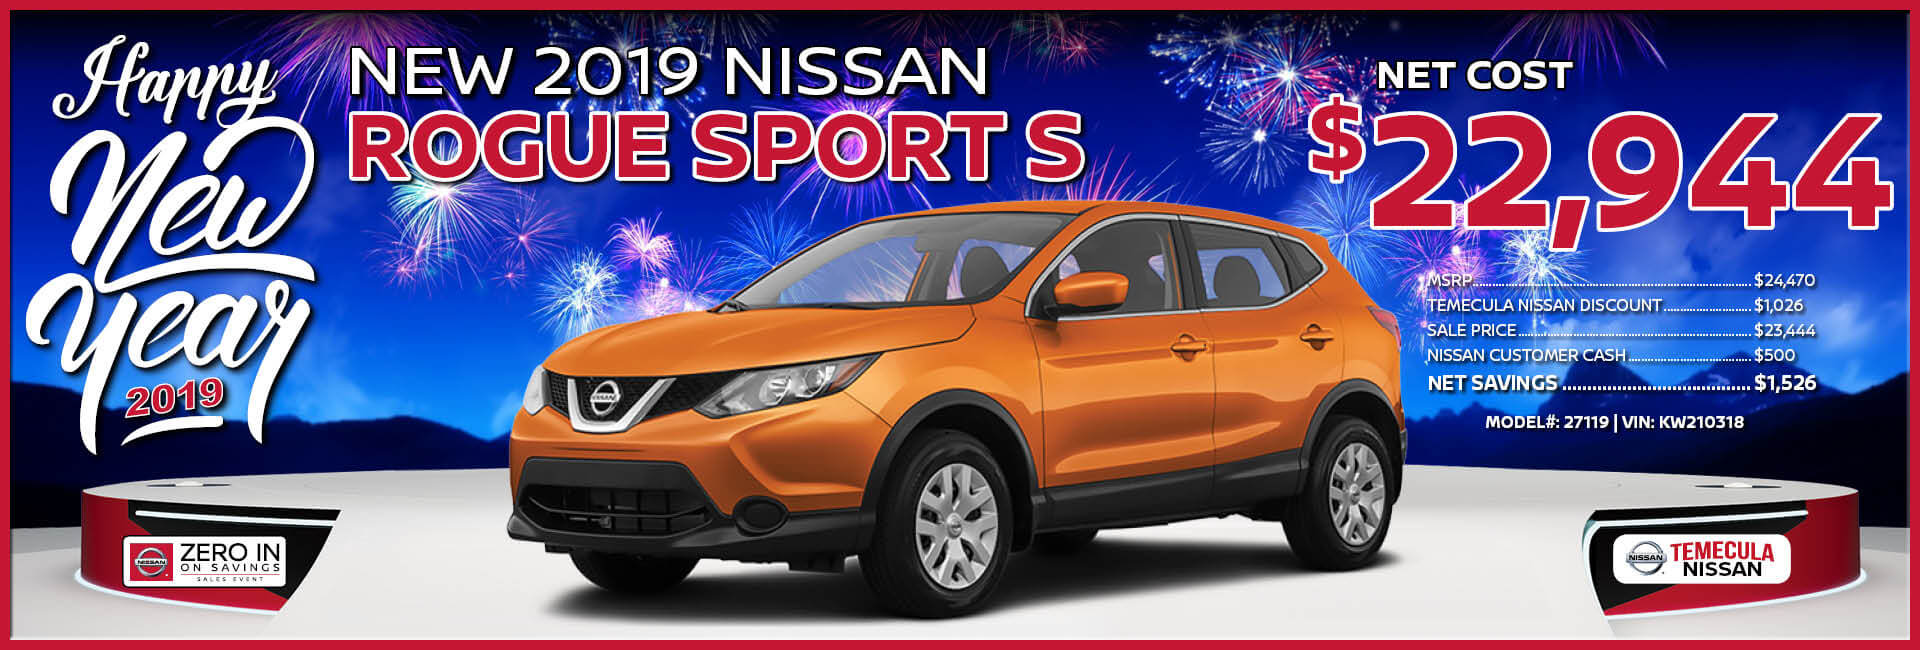 Nissan Rogue Sport $22,944